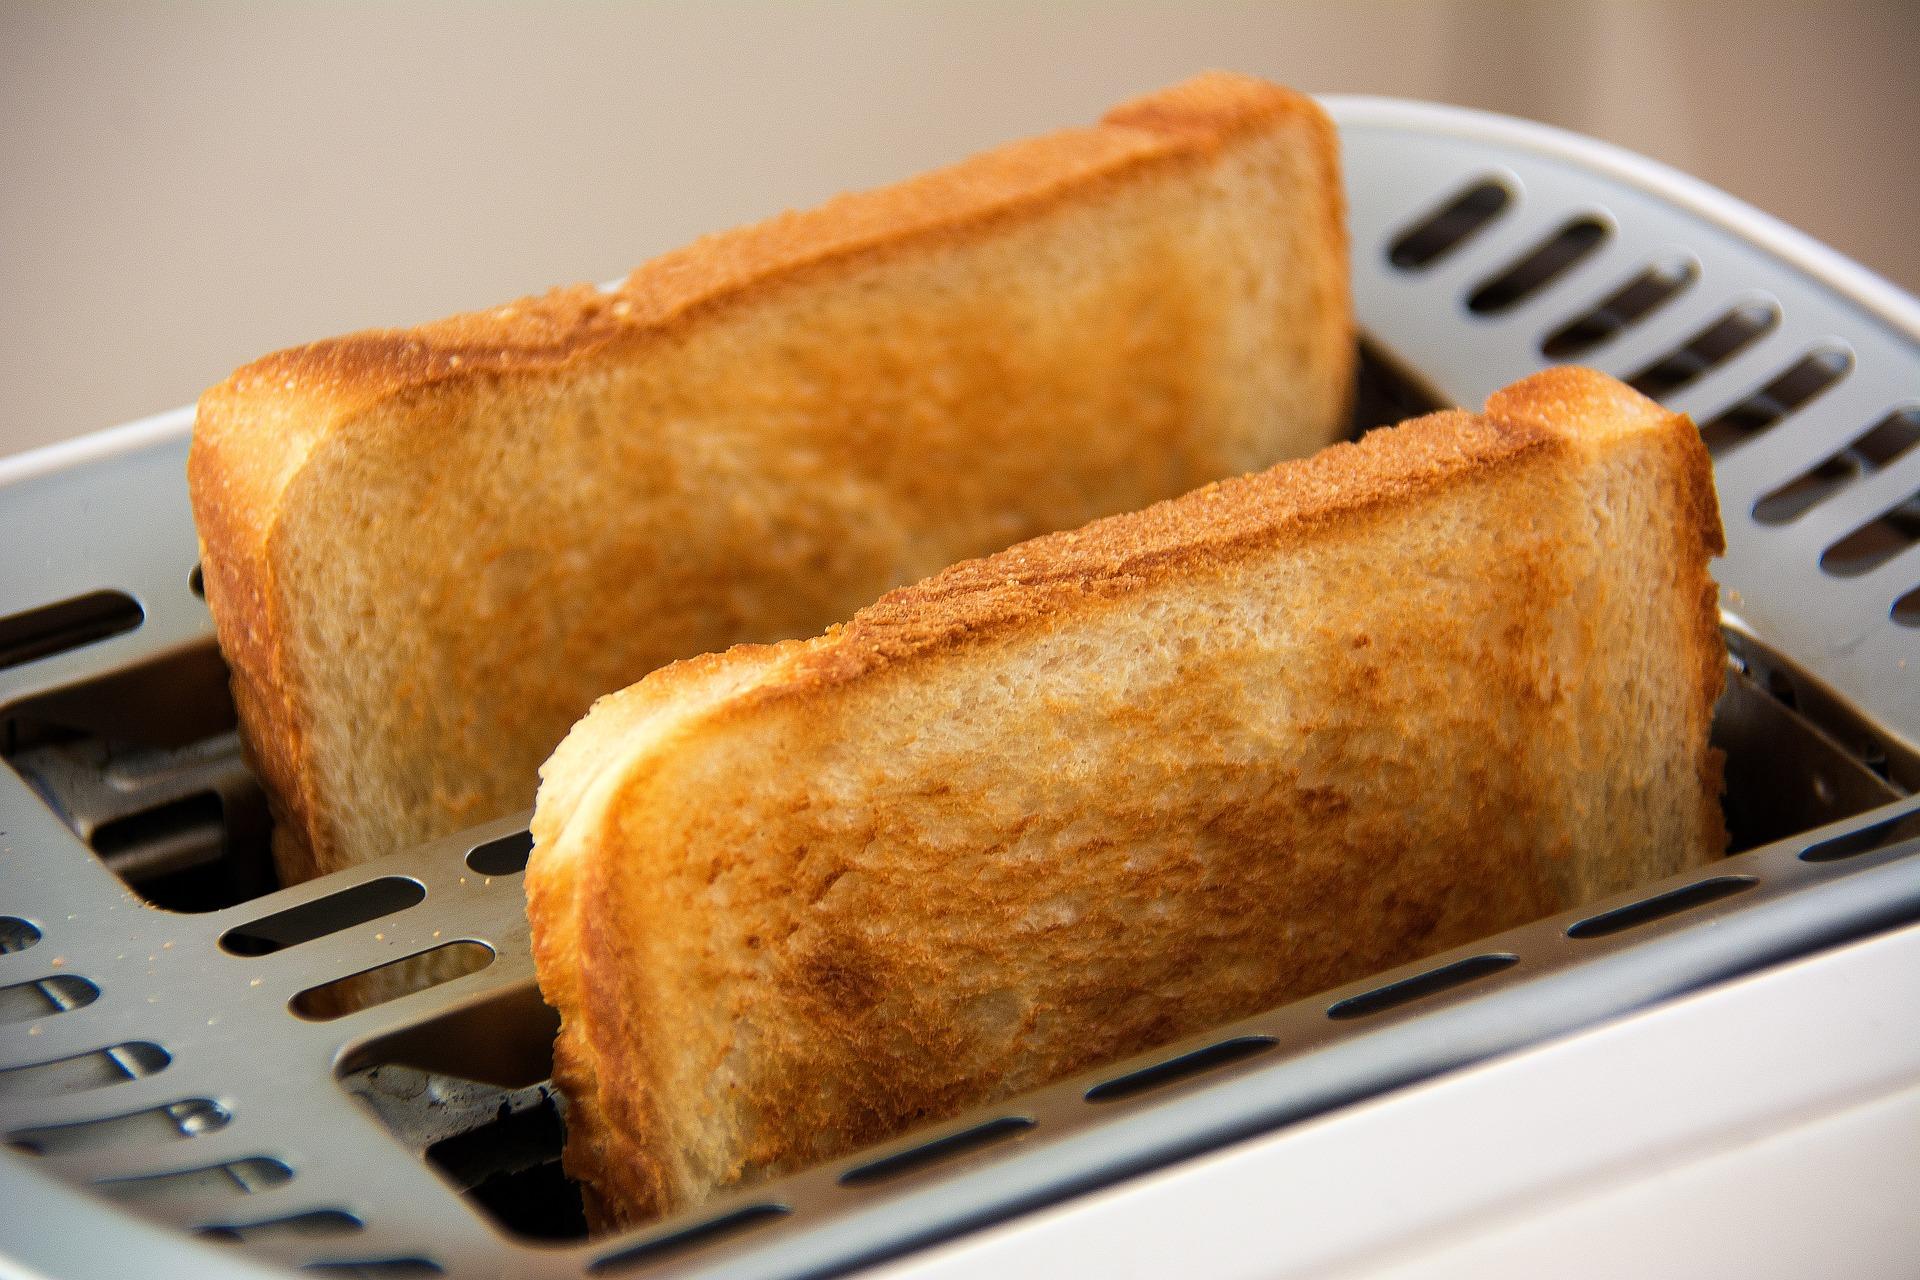 トースターで食パンを焼いている写真